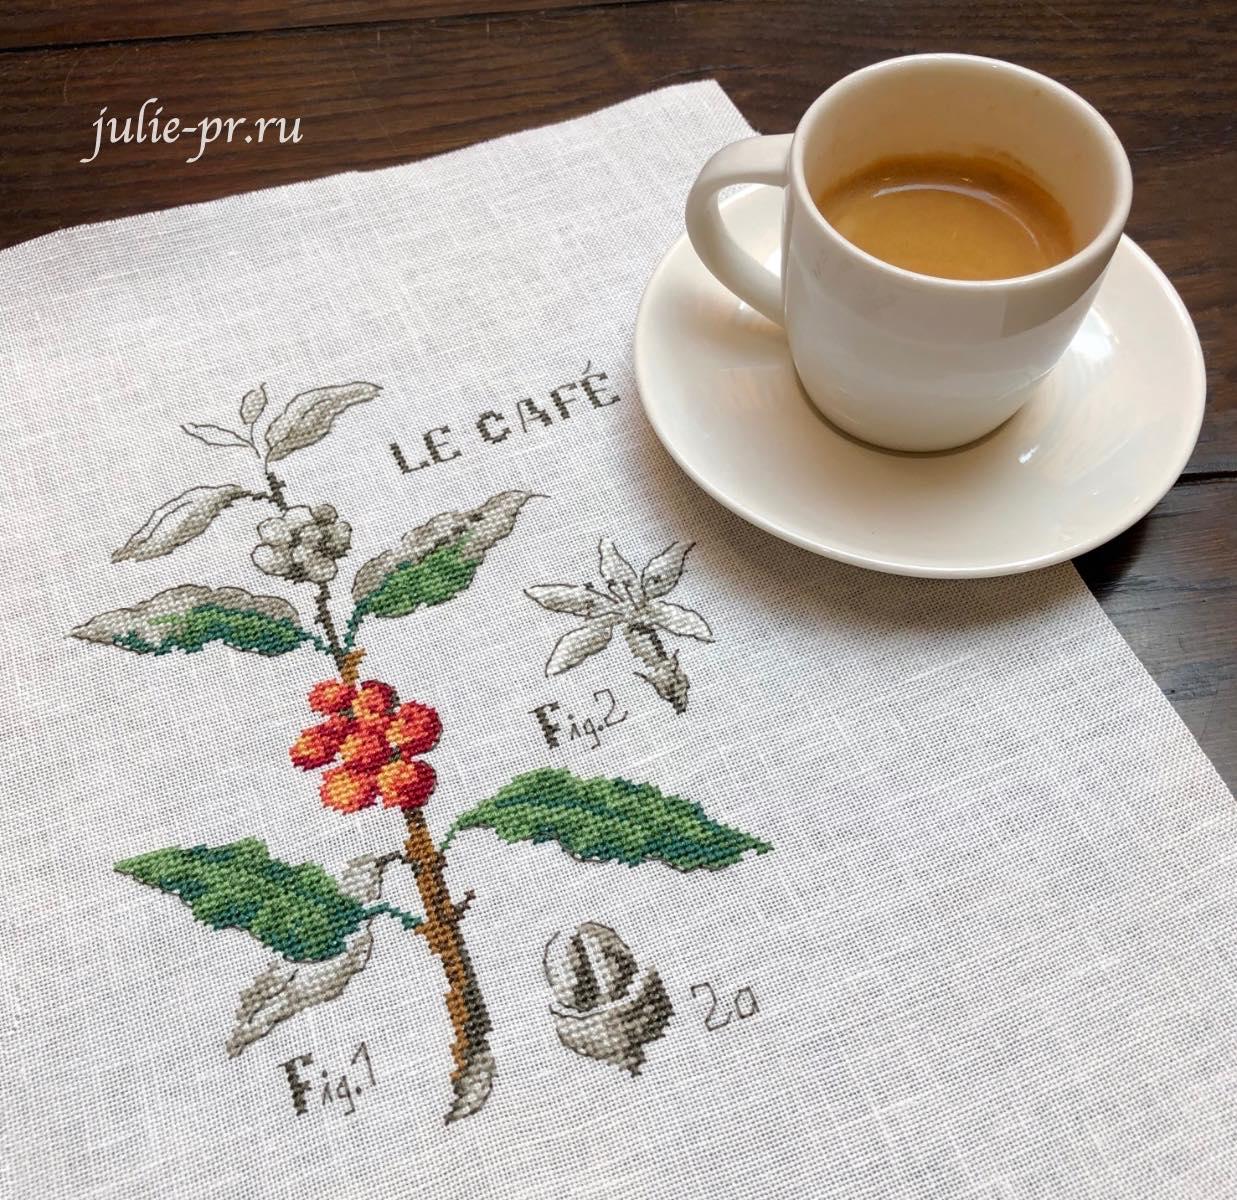 вышивка крестом, Veronique Enginger, кофе, ботаника, ботанический этюд, Кофейная ботаника, etude botanique cafe, вышивка и кофе